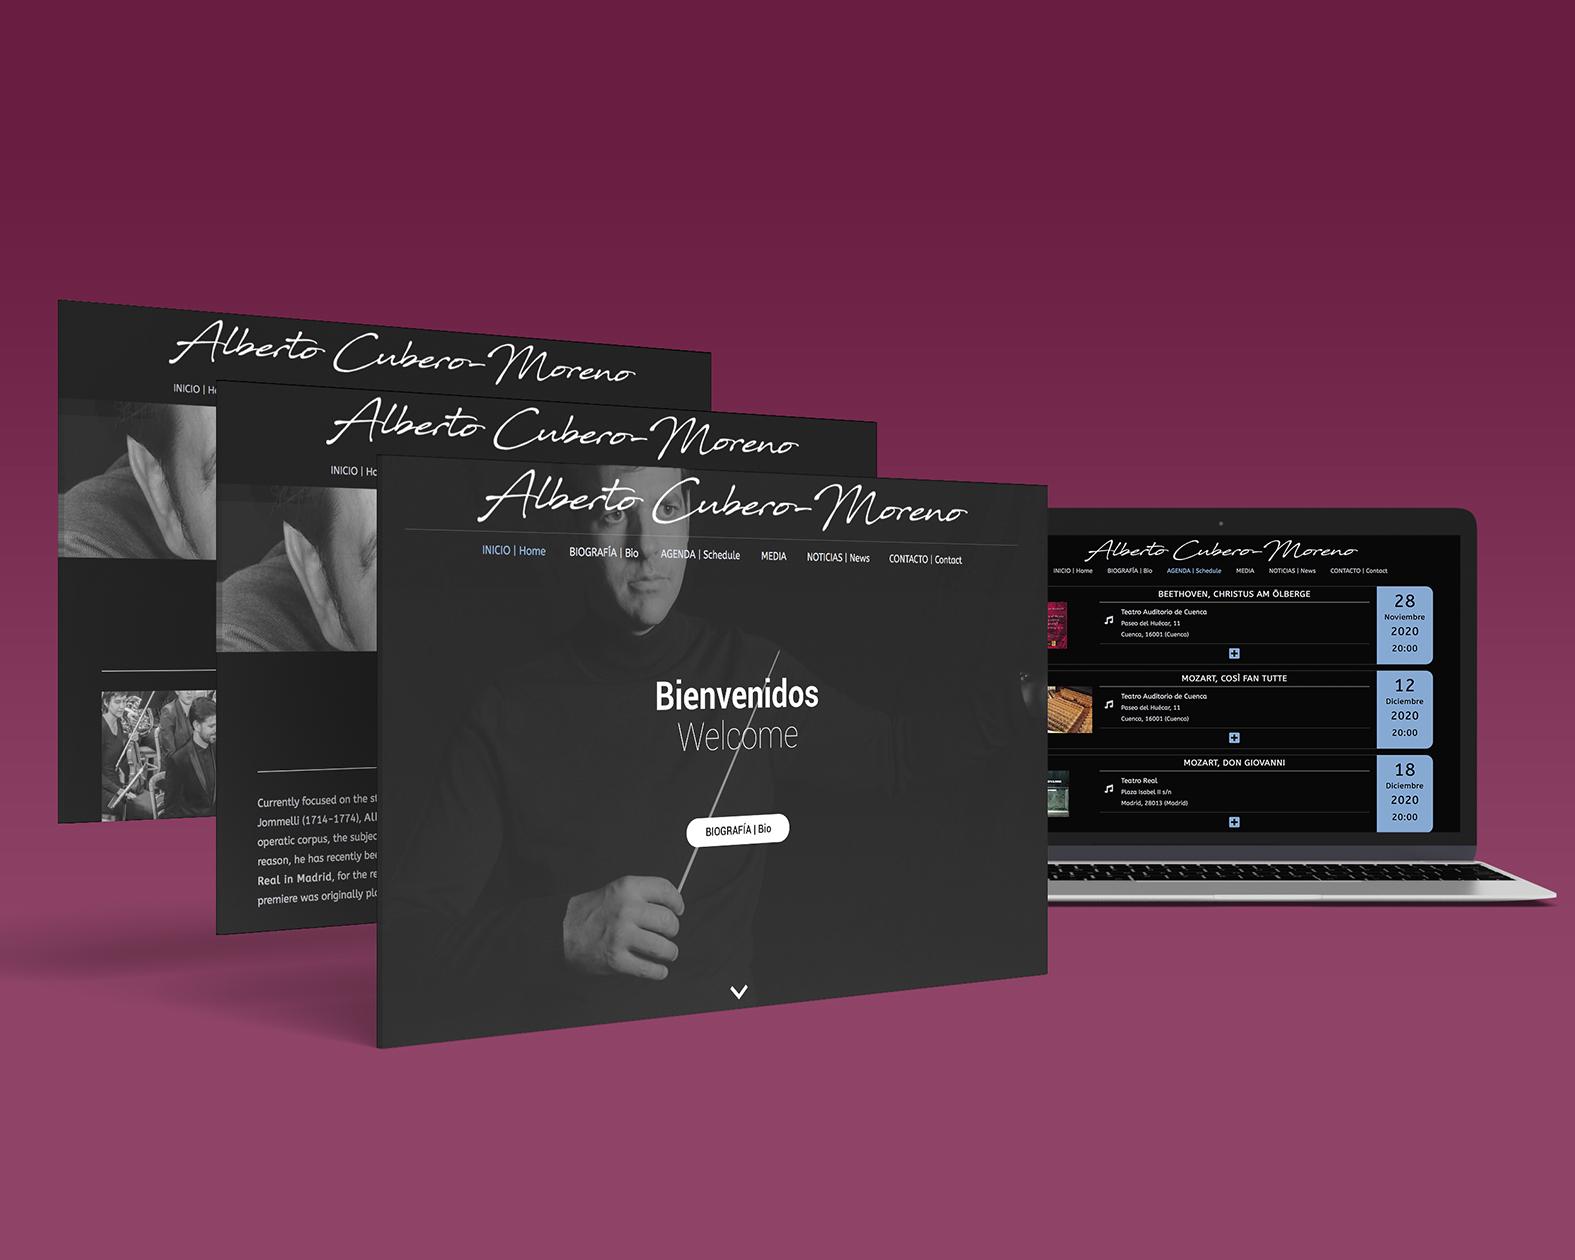 Diseño web. Alberto Cubero, director de orquesta.